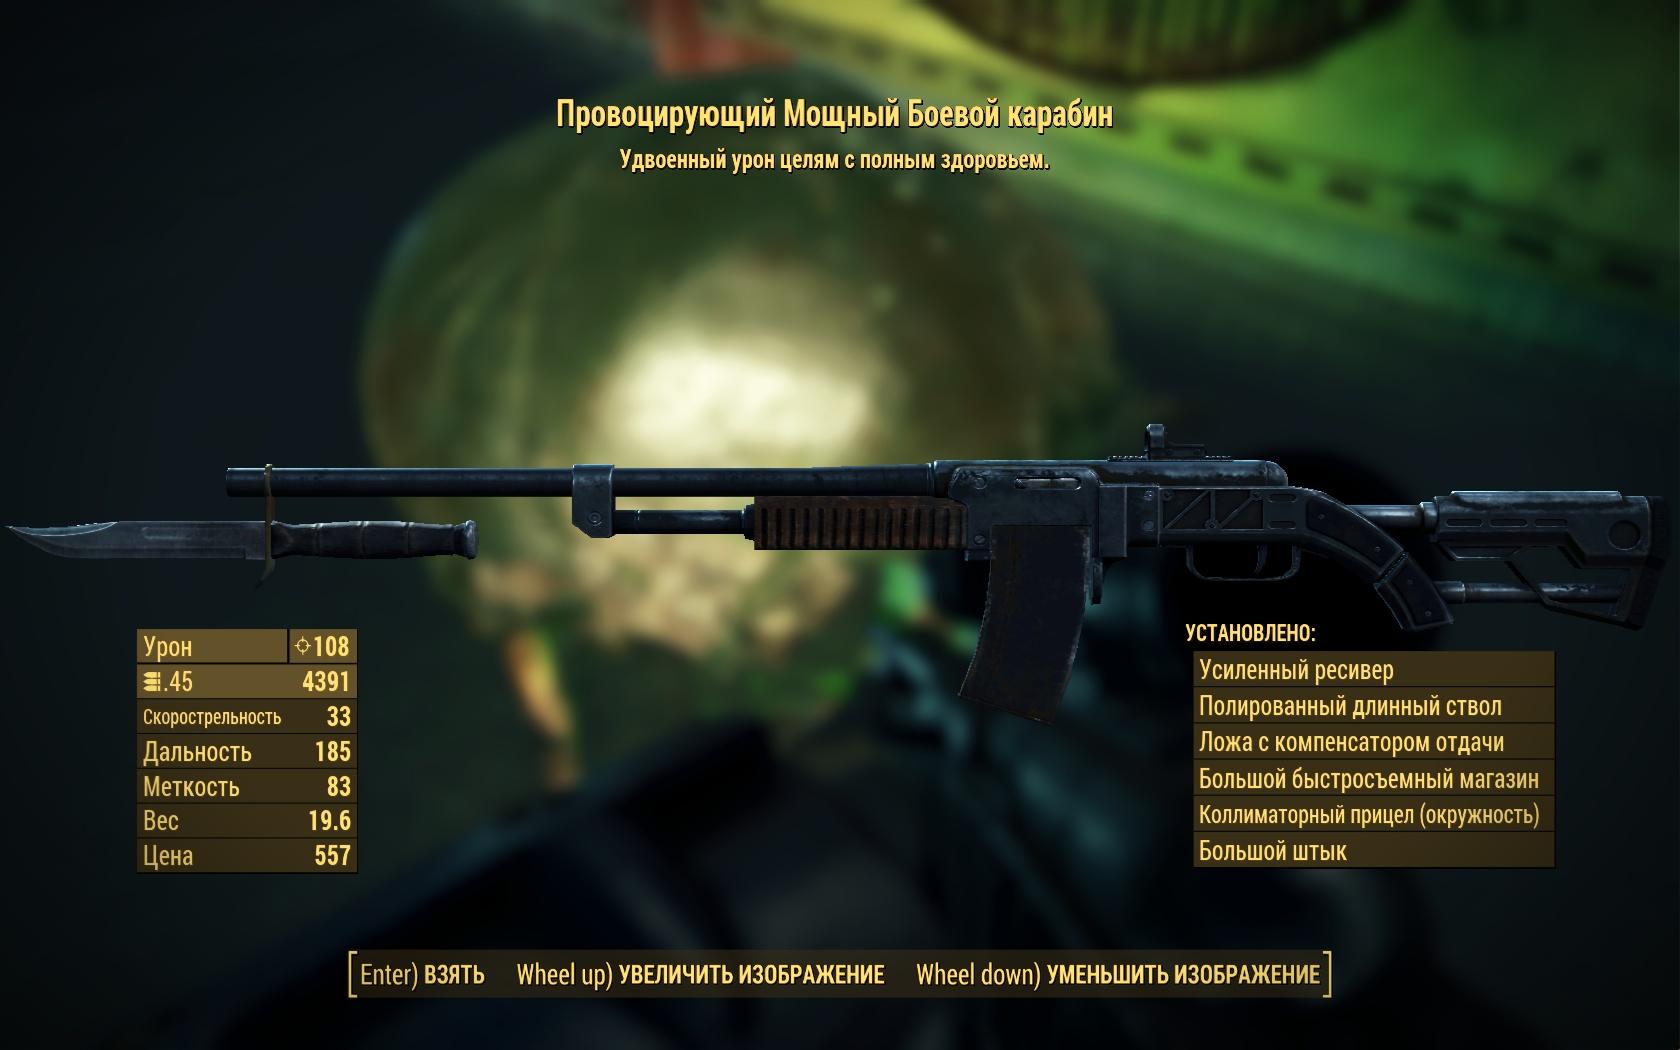 карабин - Fallout 4 боевой, мощный, Оружие, Провоцирующий